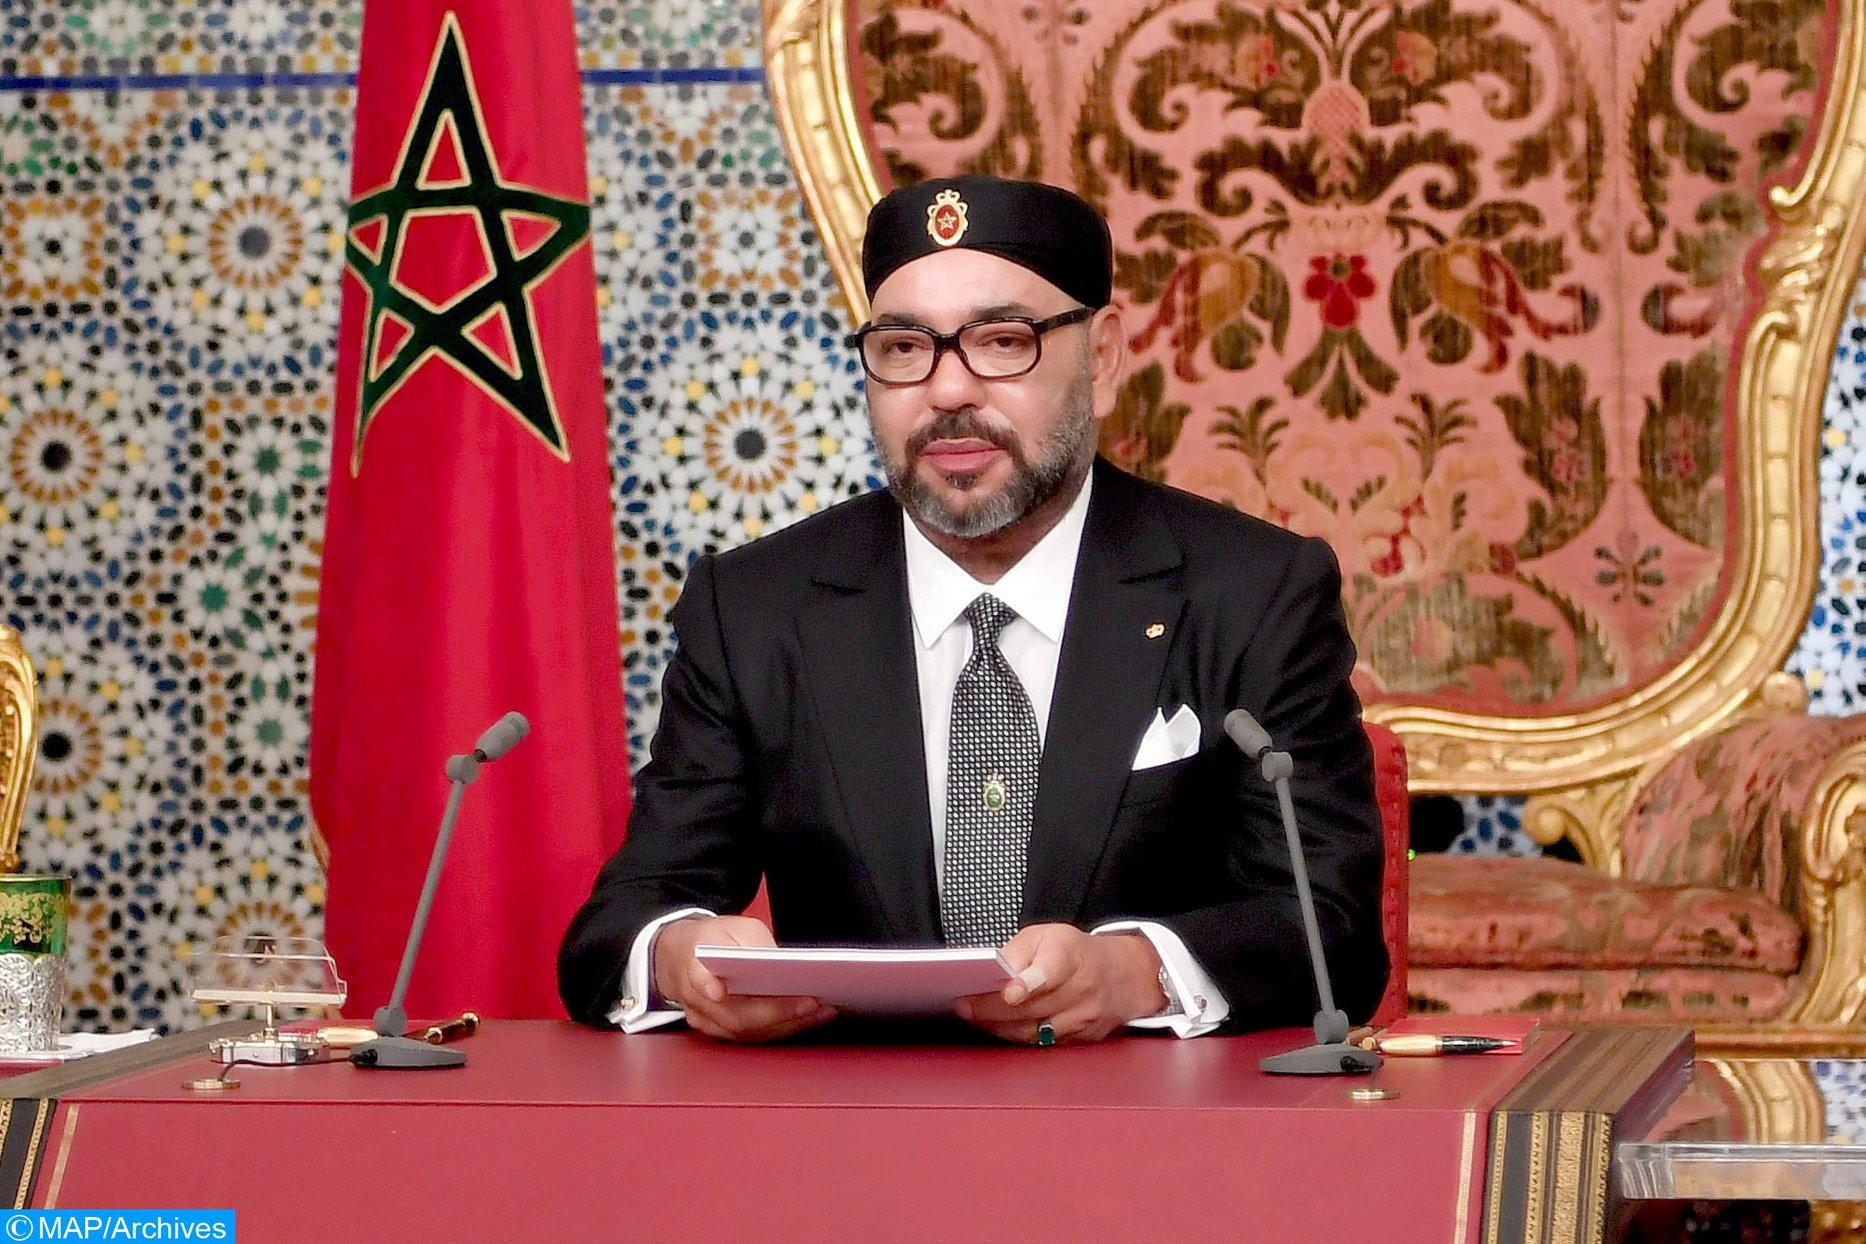 الجمعية المغربية للصحافة الرياضية تستنكر التهجم السافر على شخص جلالة الملك